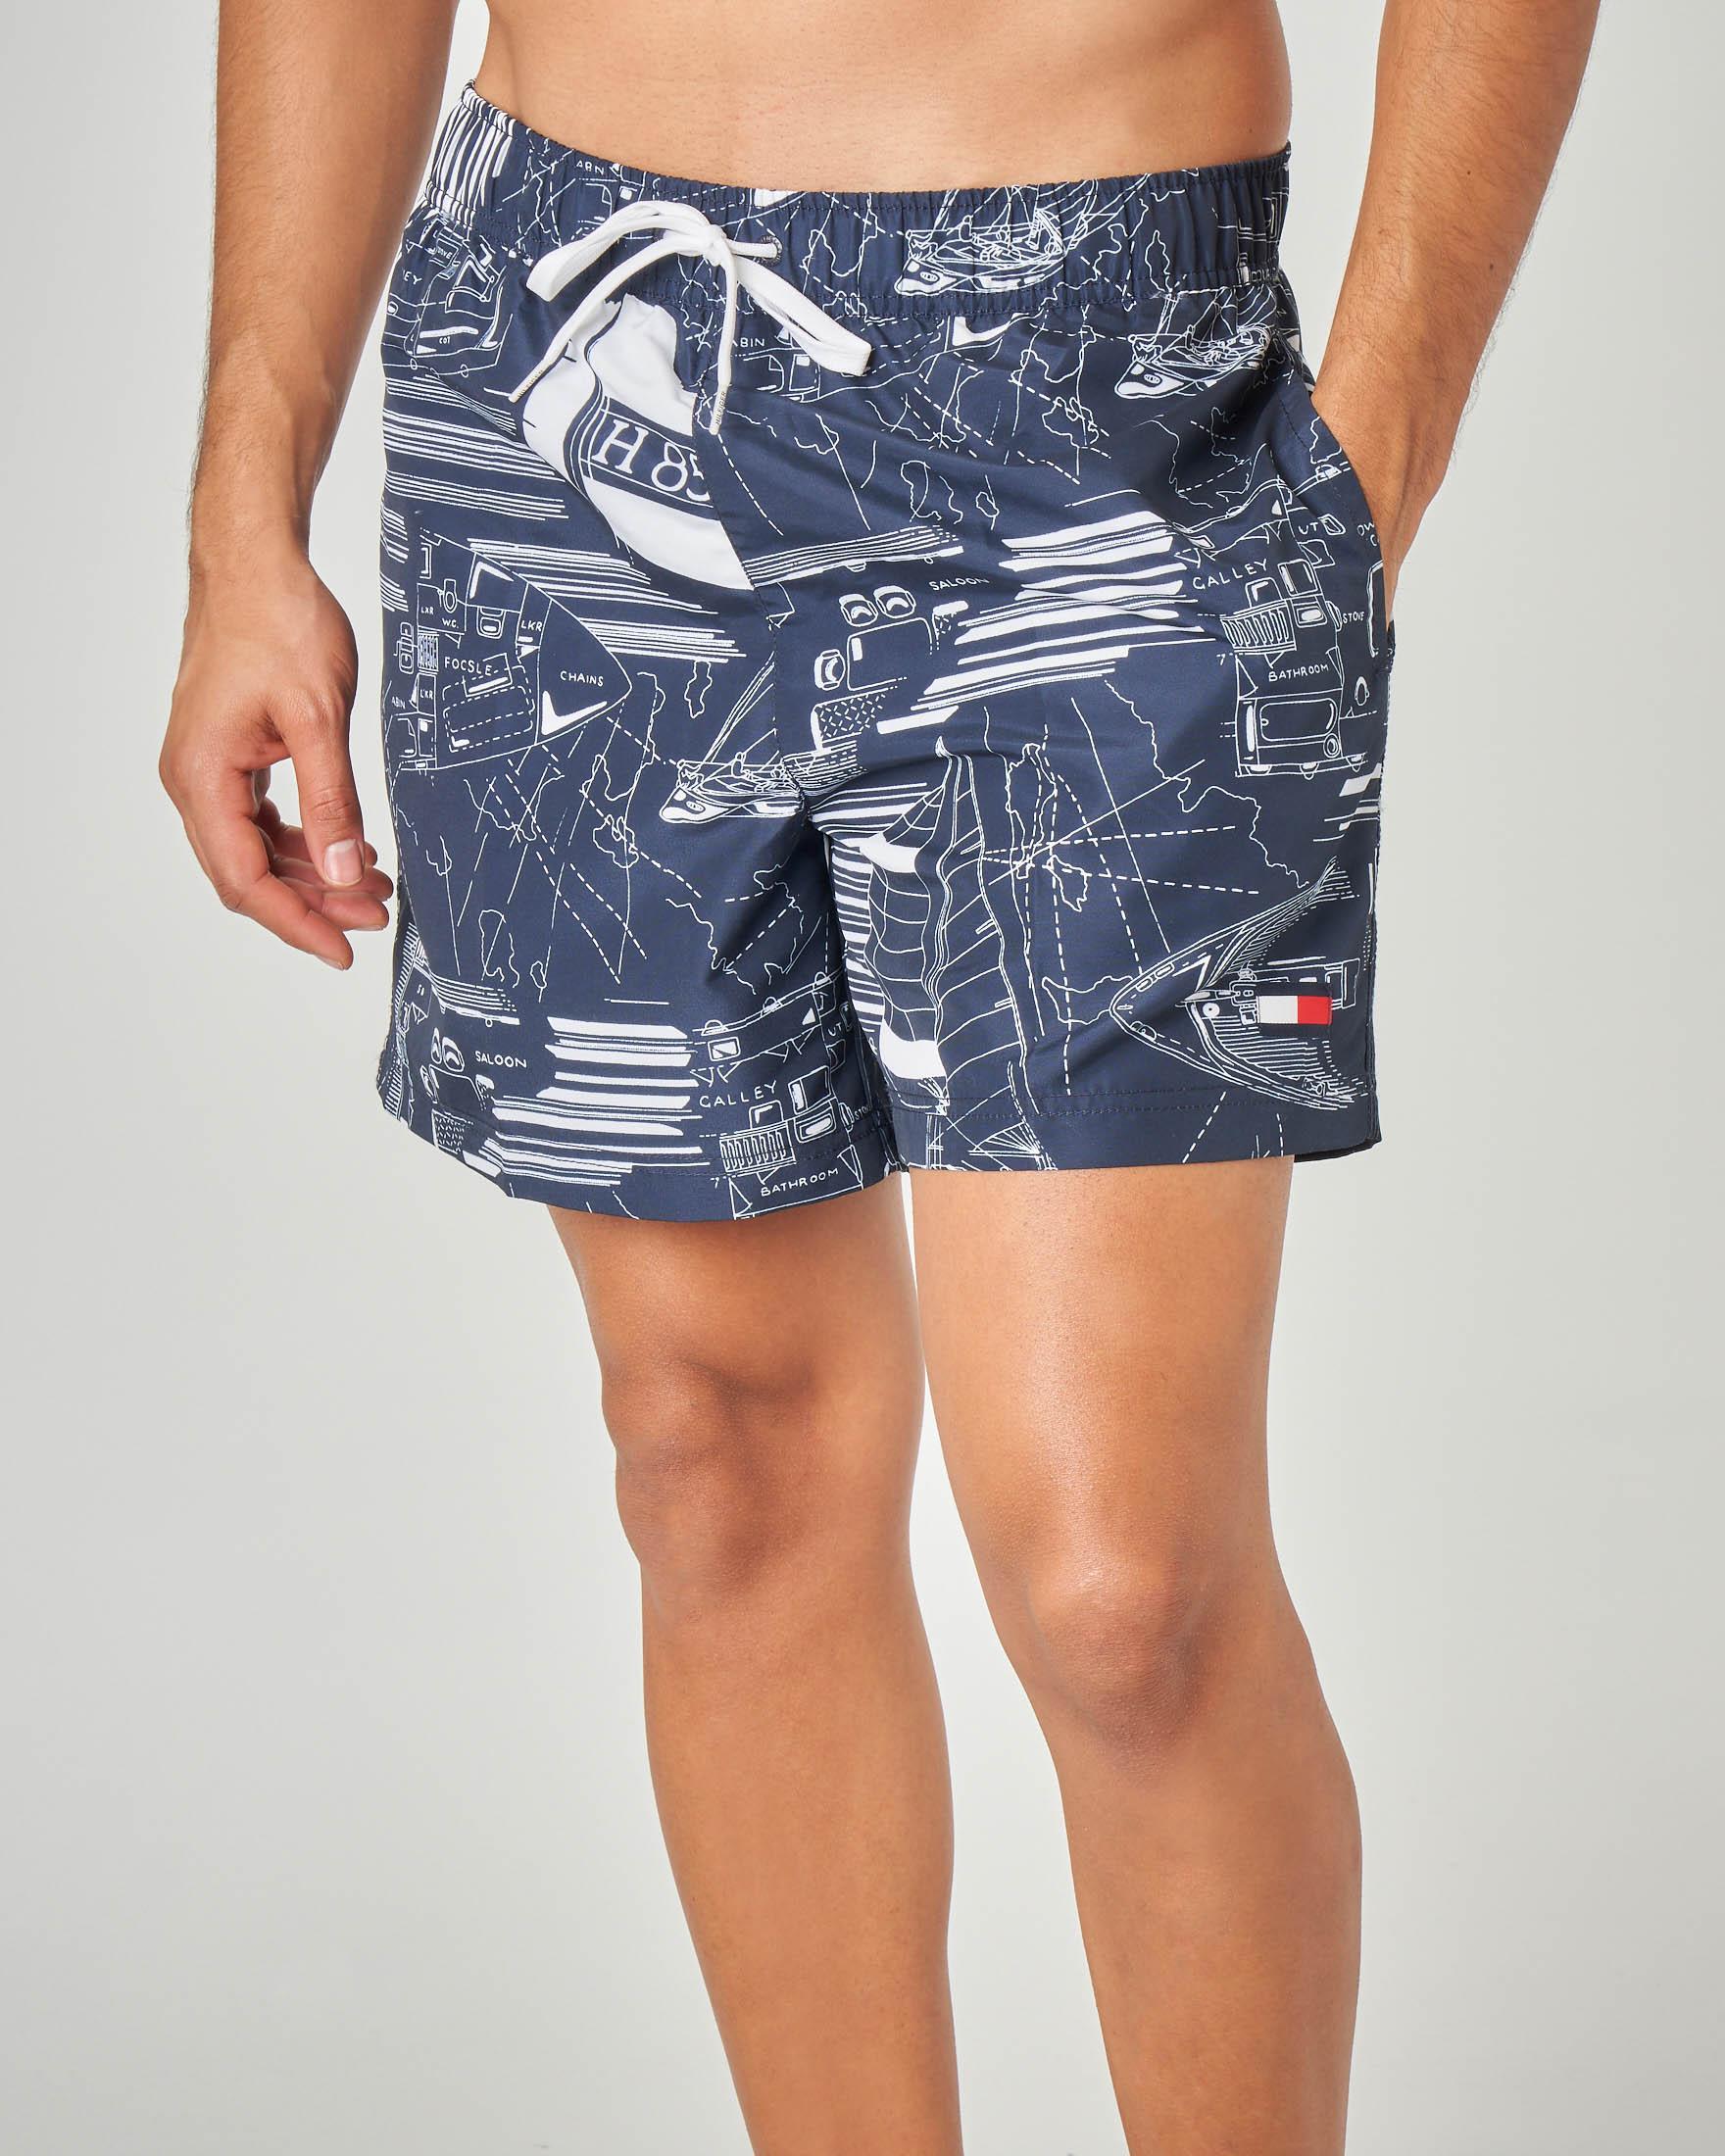 Costume boxer blu con fantasia nautica stampata